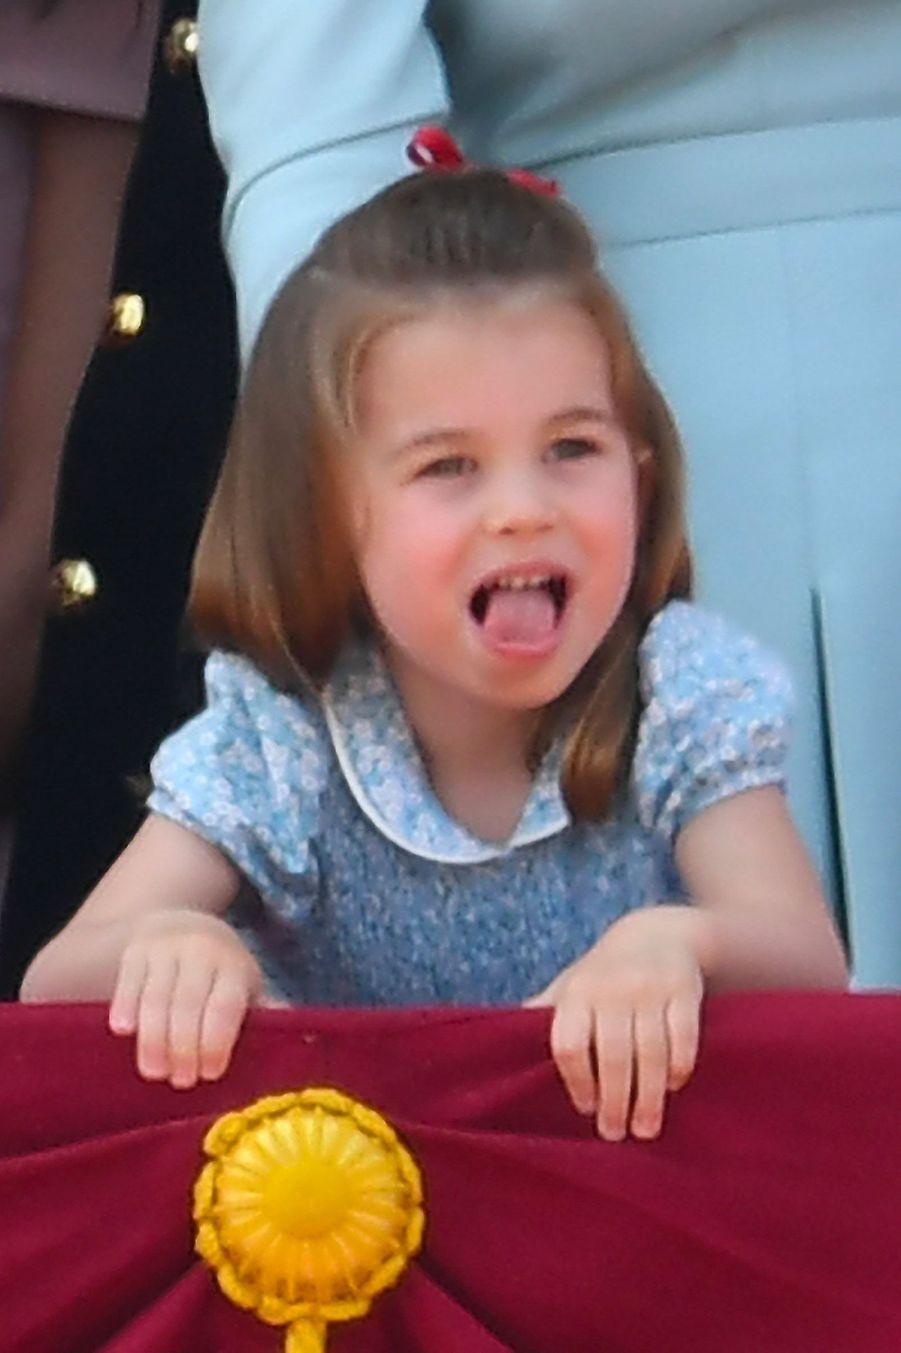 La princesse Charlotte au balcon du Palais deBuckingham, le 9 juin 2018.